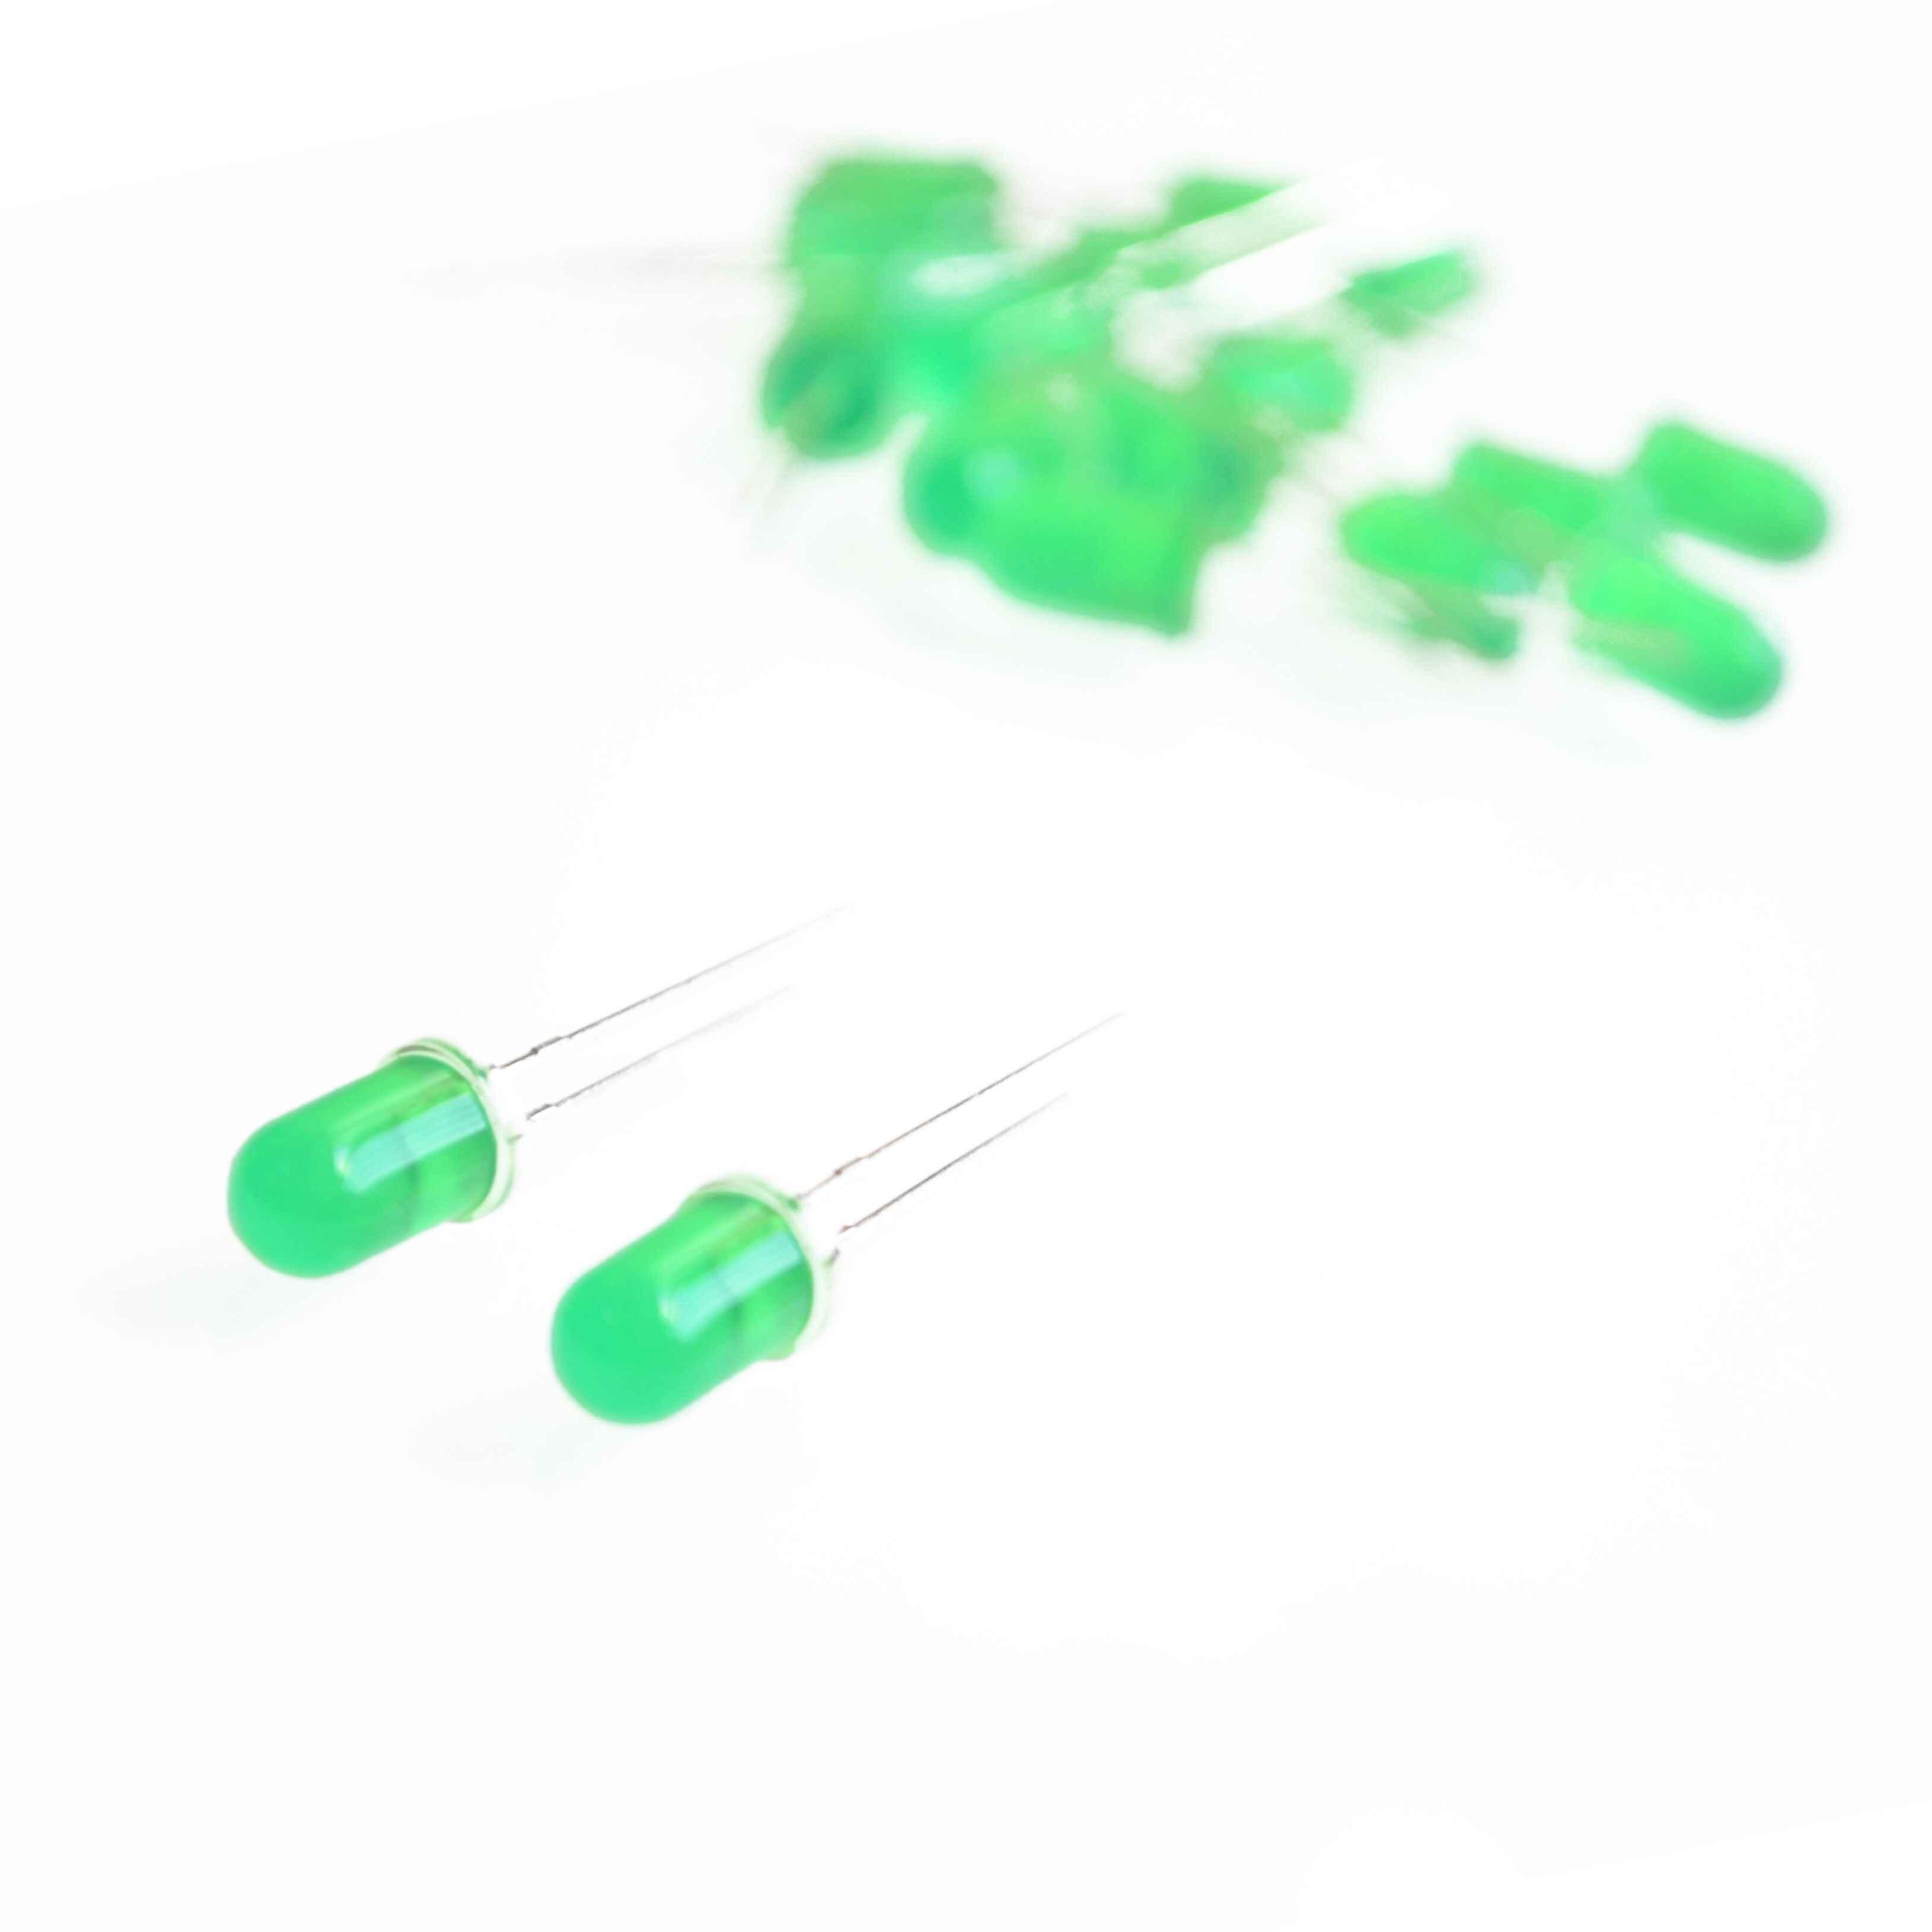 10 шт./партия, 5 мм, зеленый светодиодный светильник, светоизлучающие диоды